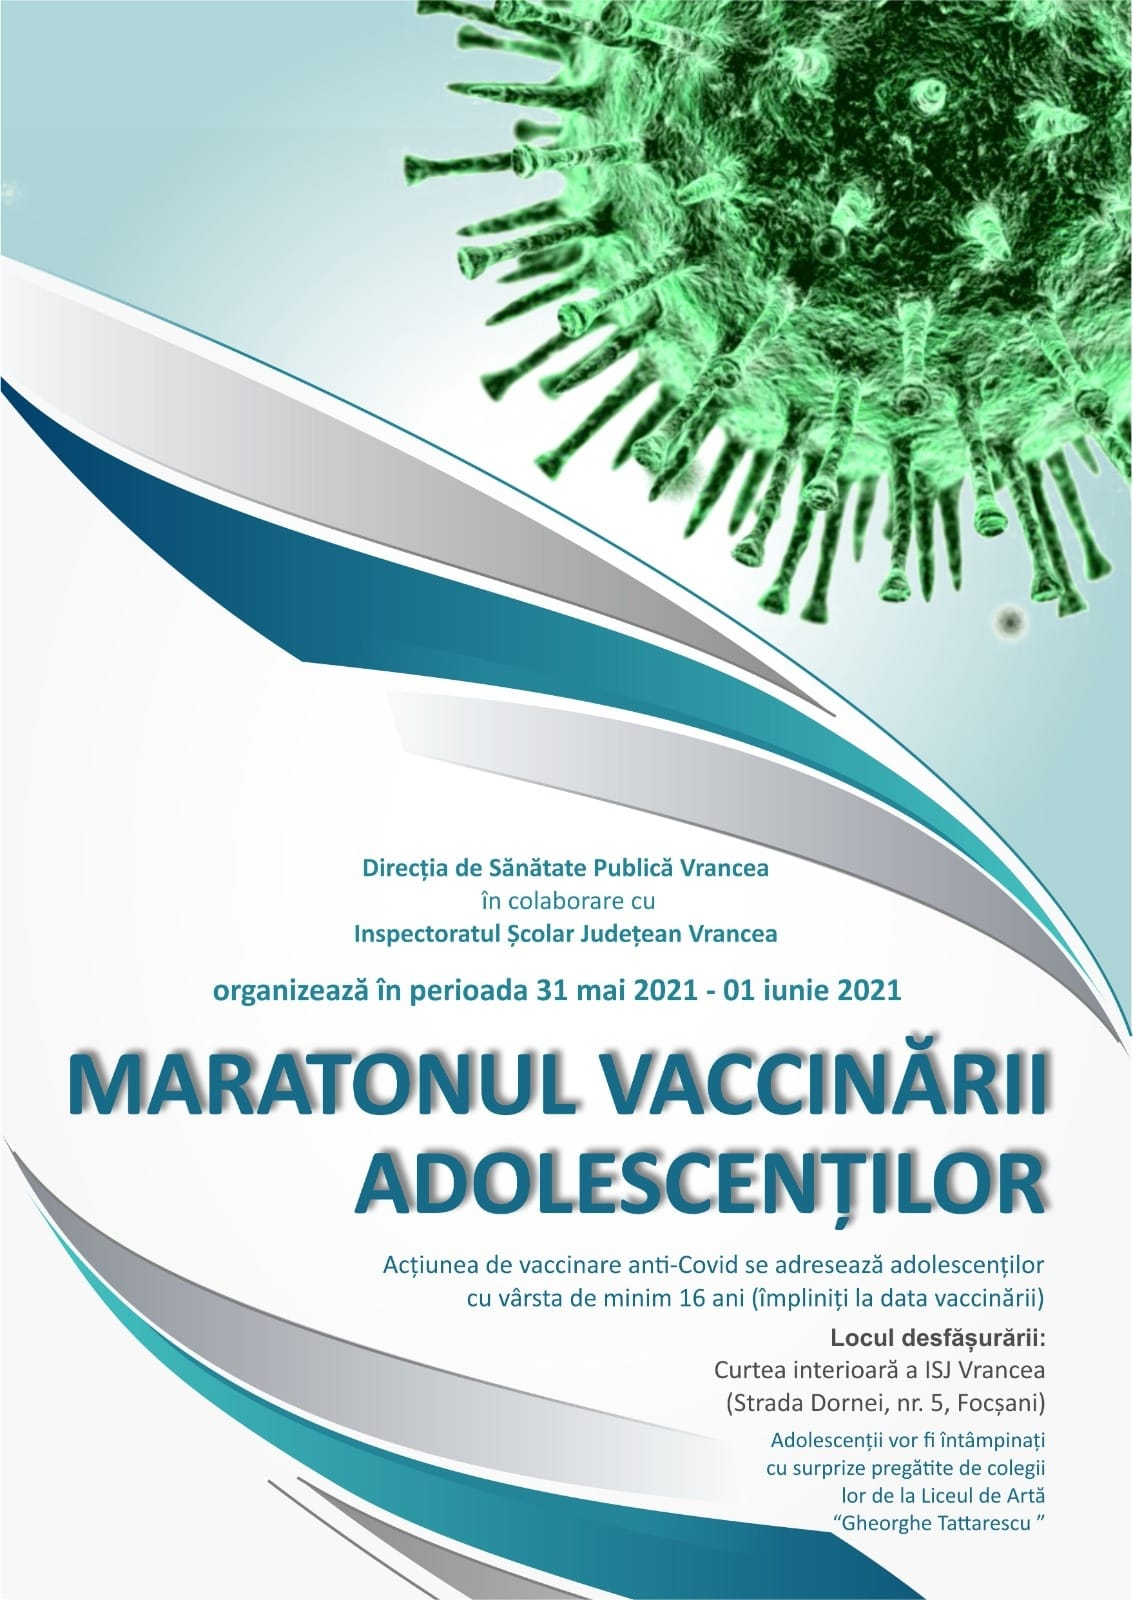 Maratonul vaccinării adolescenților – 31 mai – 1 iunie 2021 post thumbnail